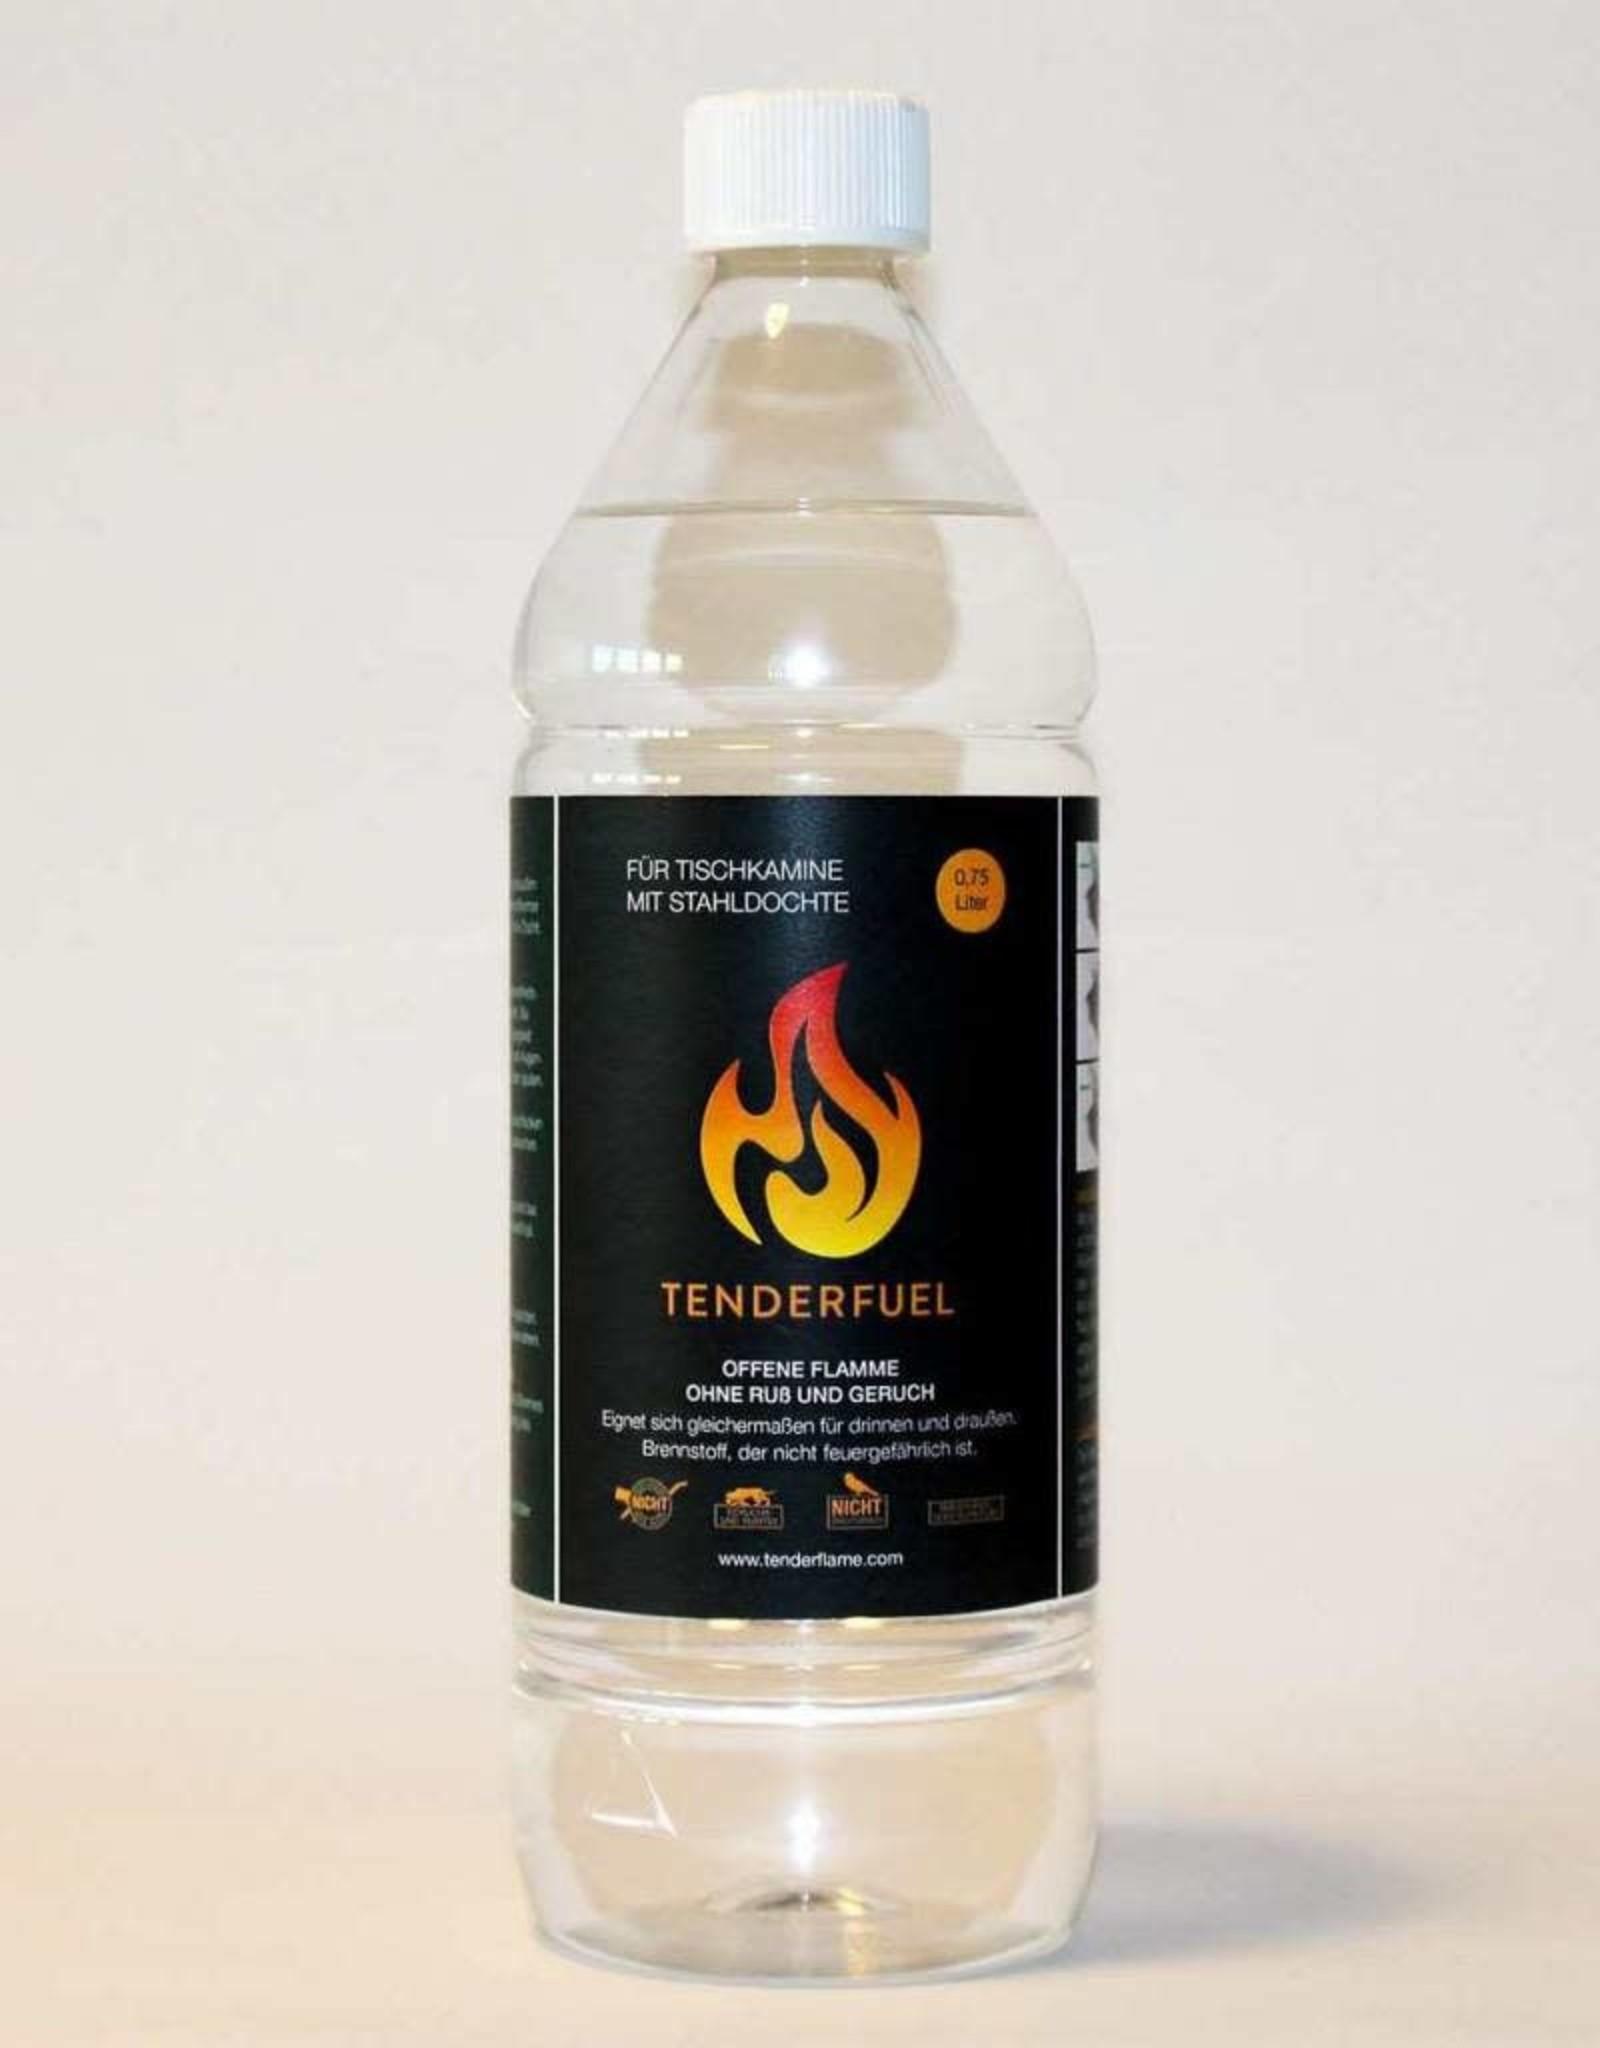 Tenderflame TenderFuel 1 Liter - Tenderflame